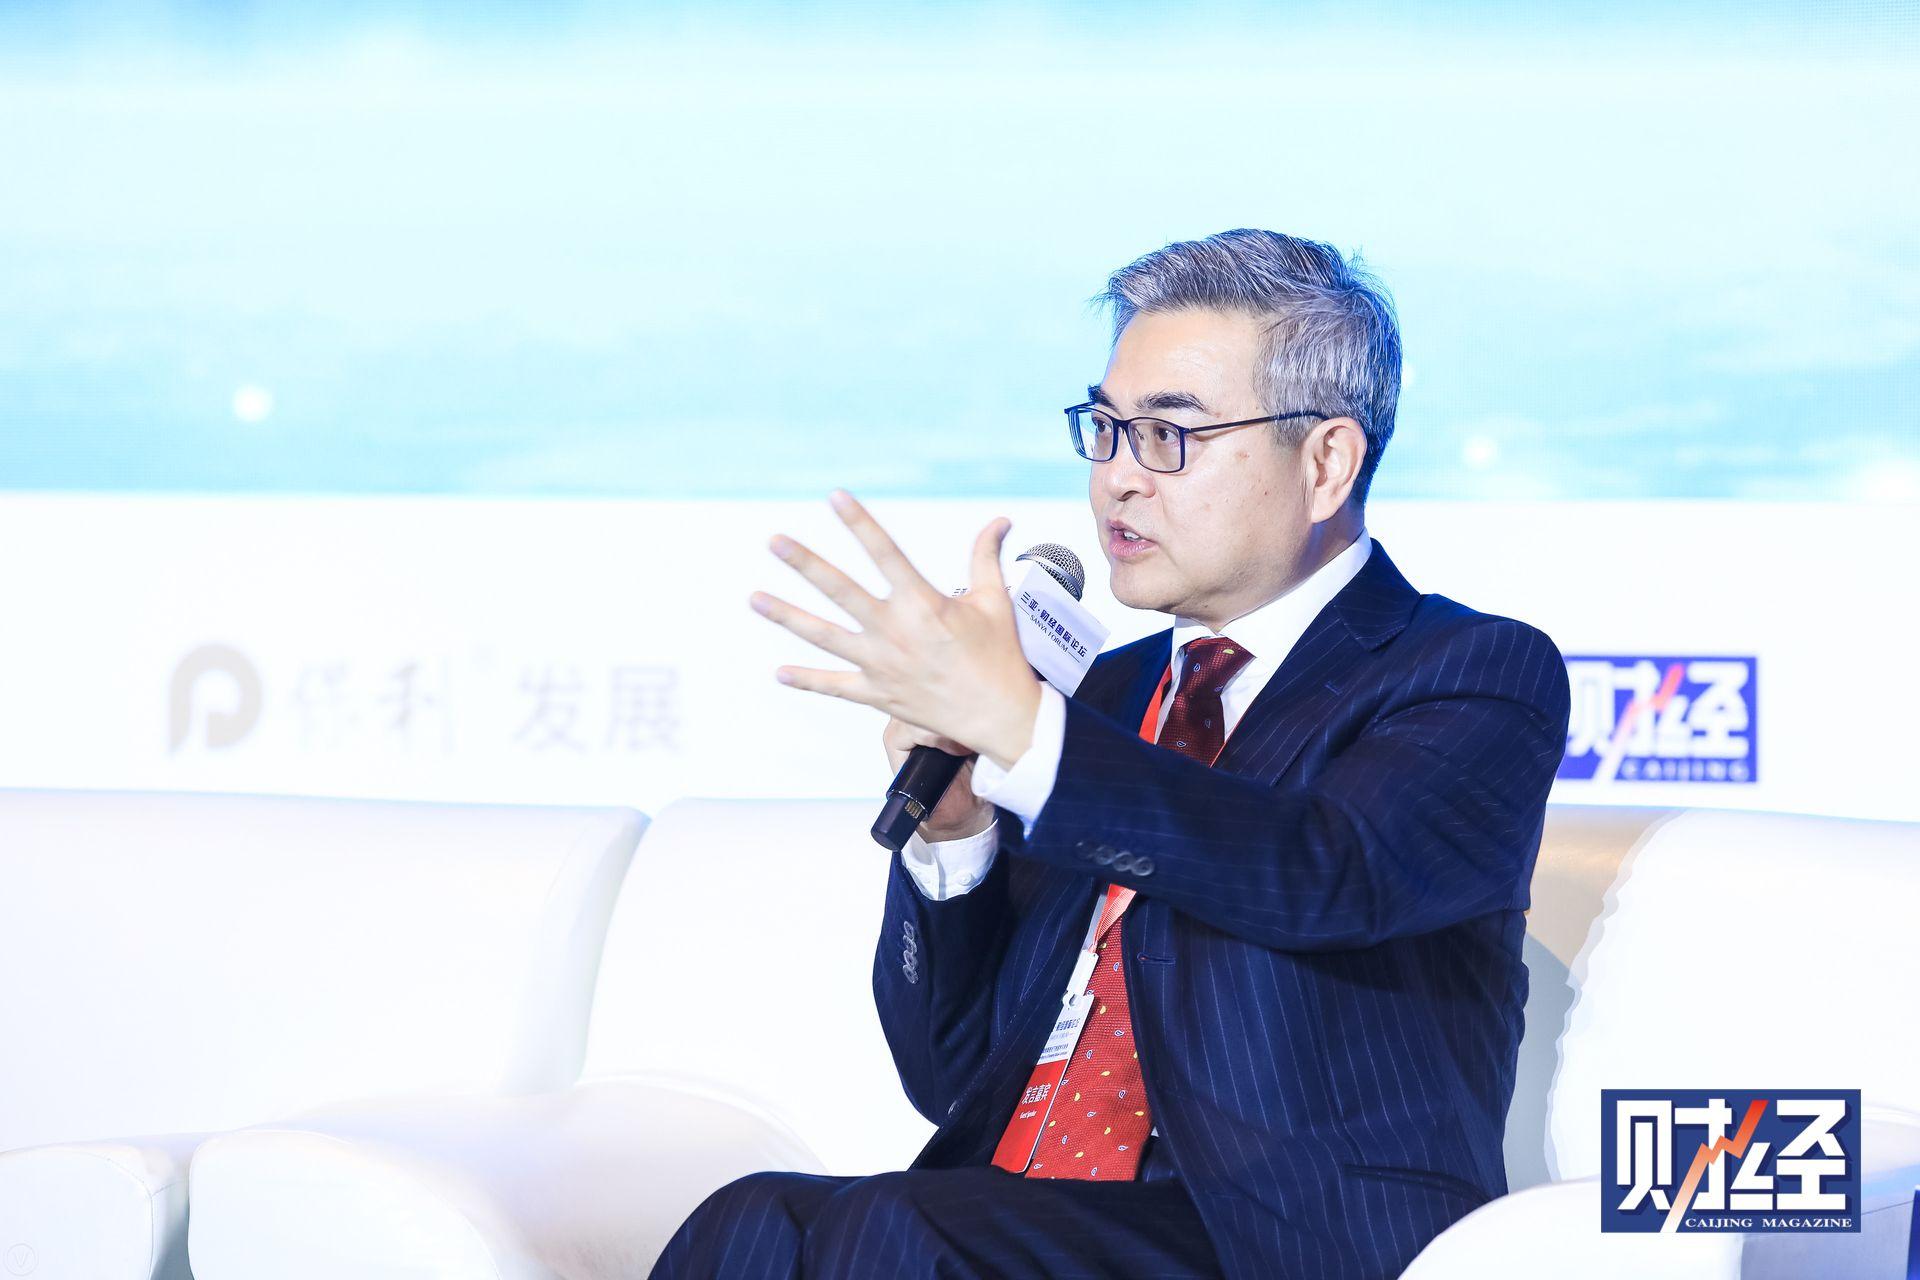 【《财经》杂志】肖耿:海南要超越香港,需在制度建设上有所创新